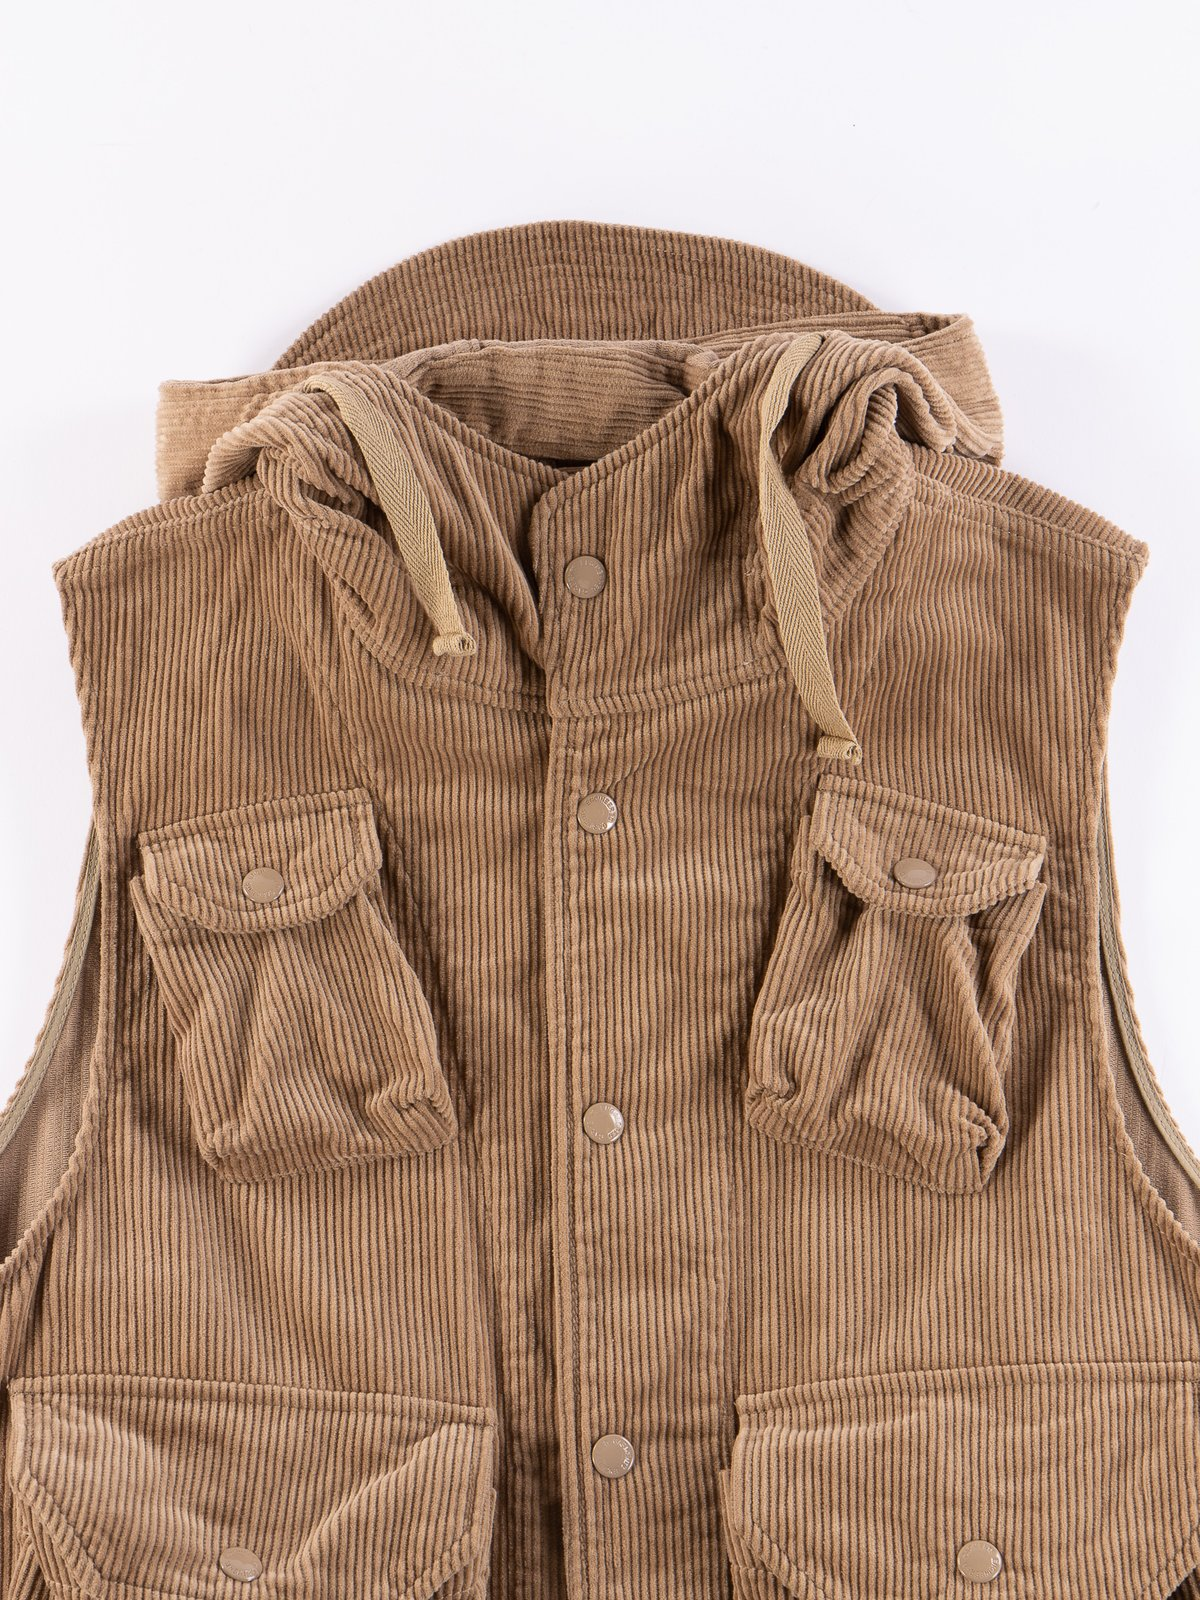 Khaki 8W Corduroy Field Vest - Image 4